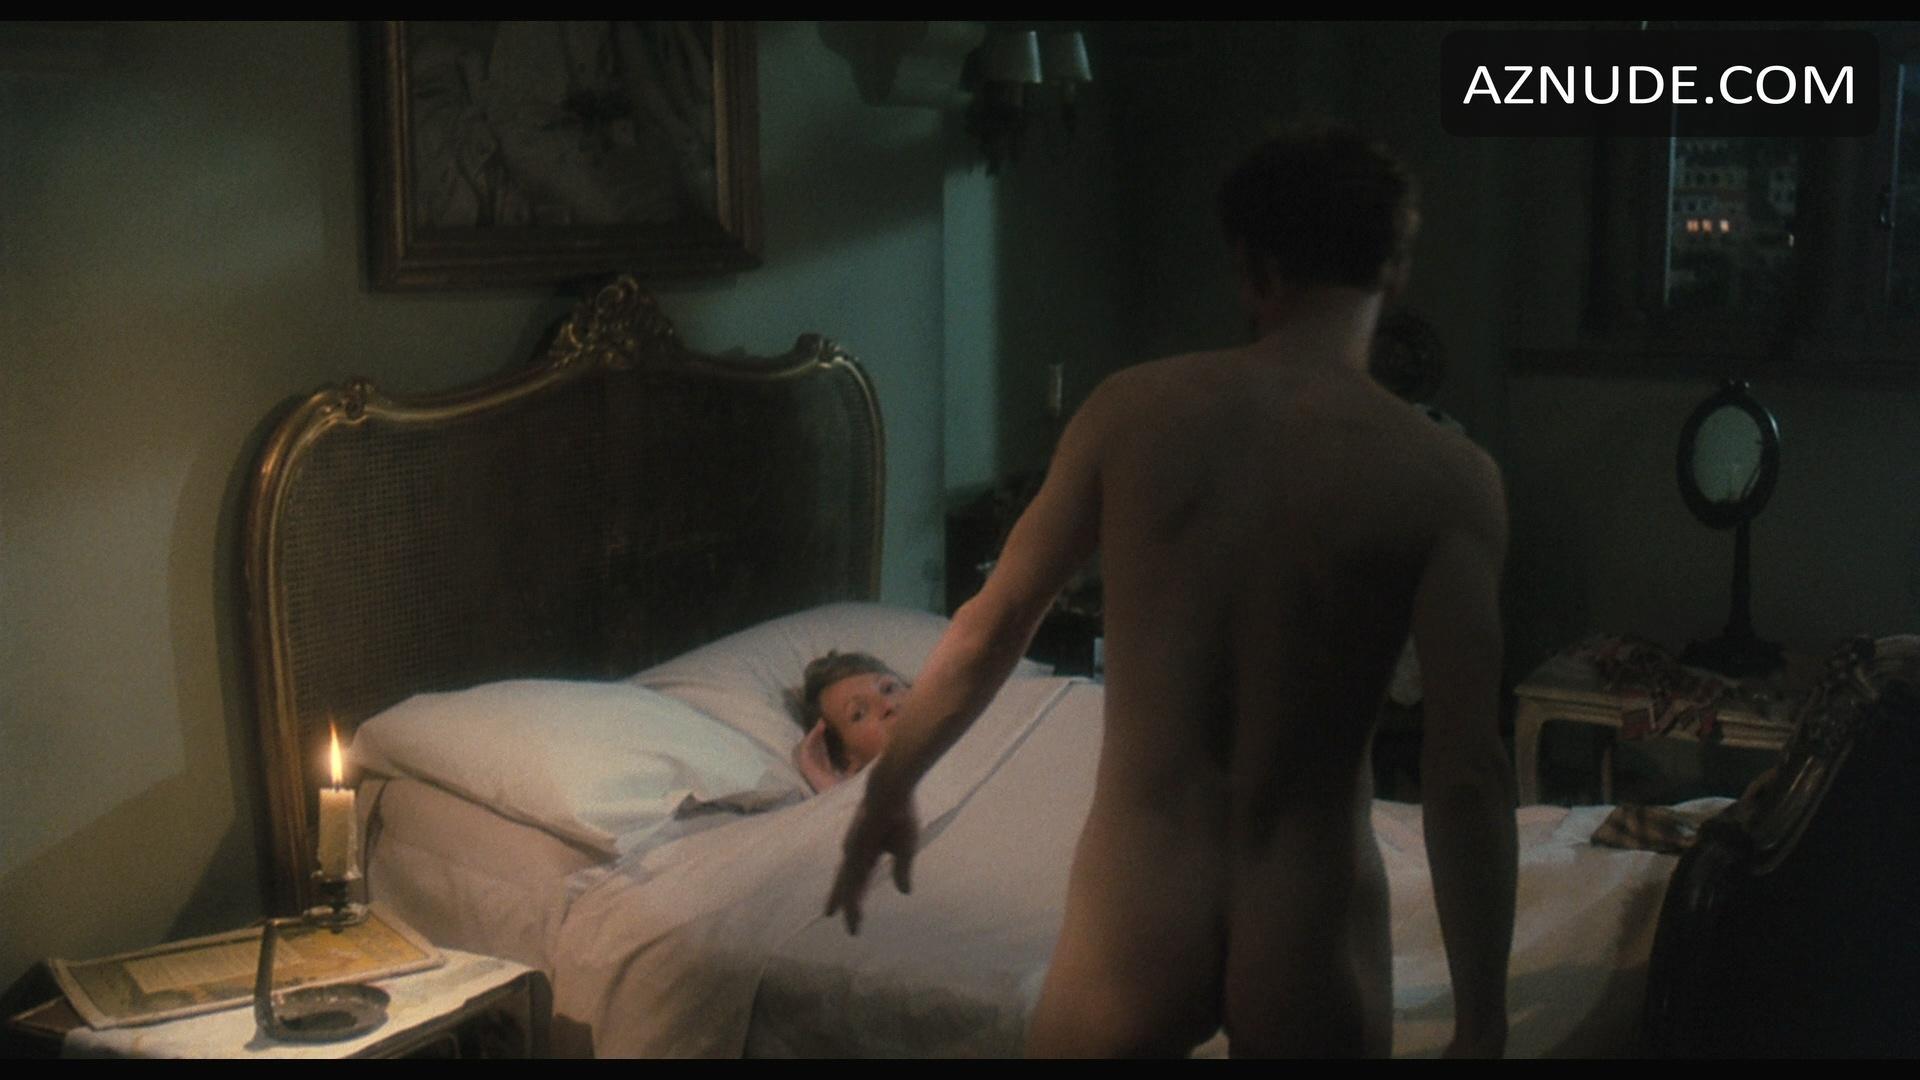 Sorry, Men getting nude on ellen all